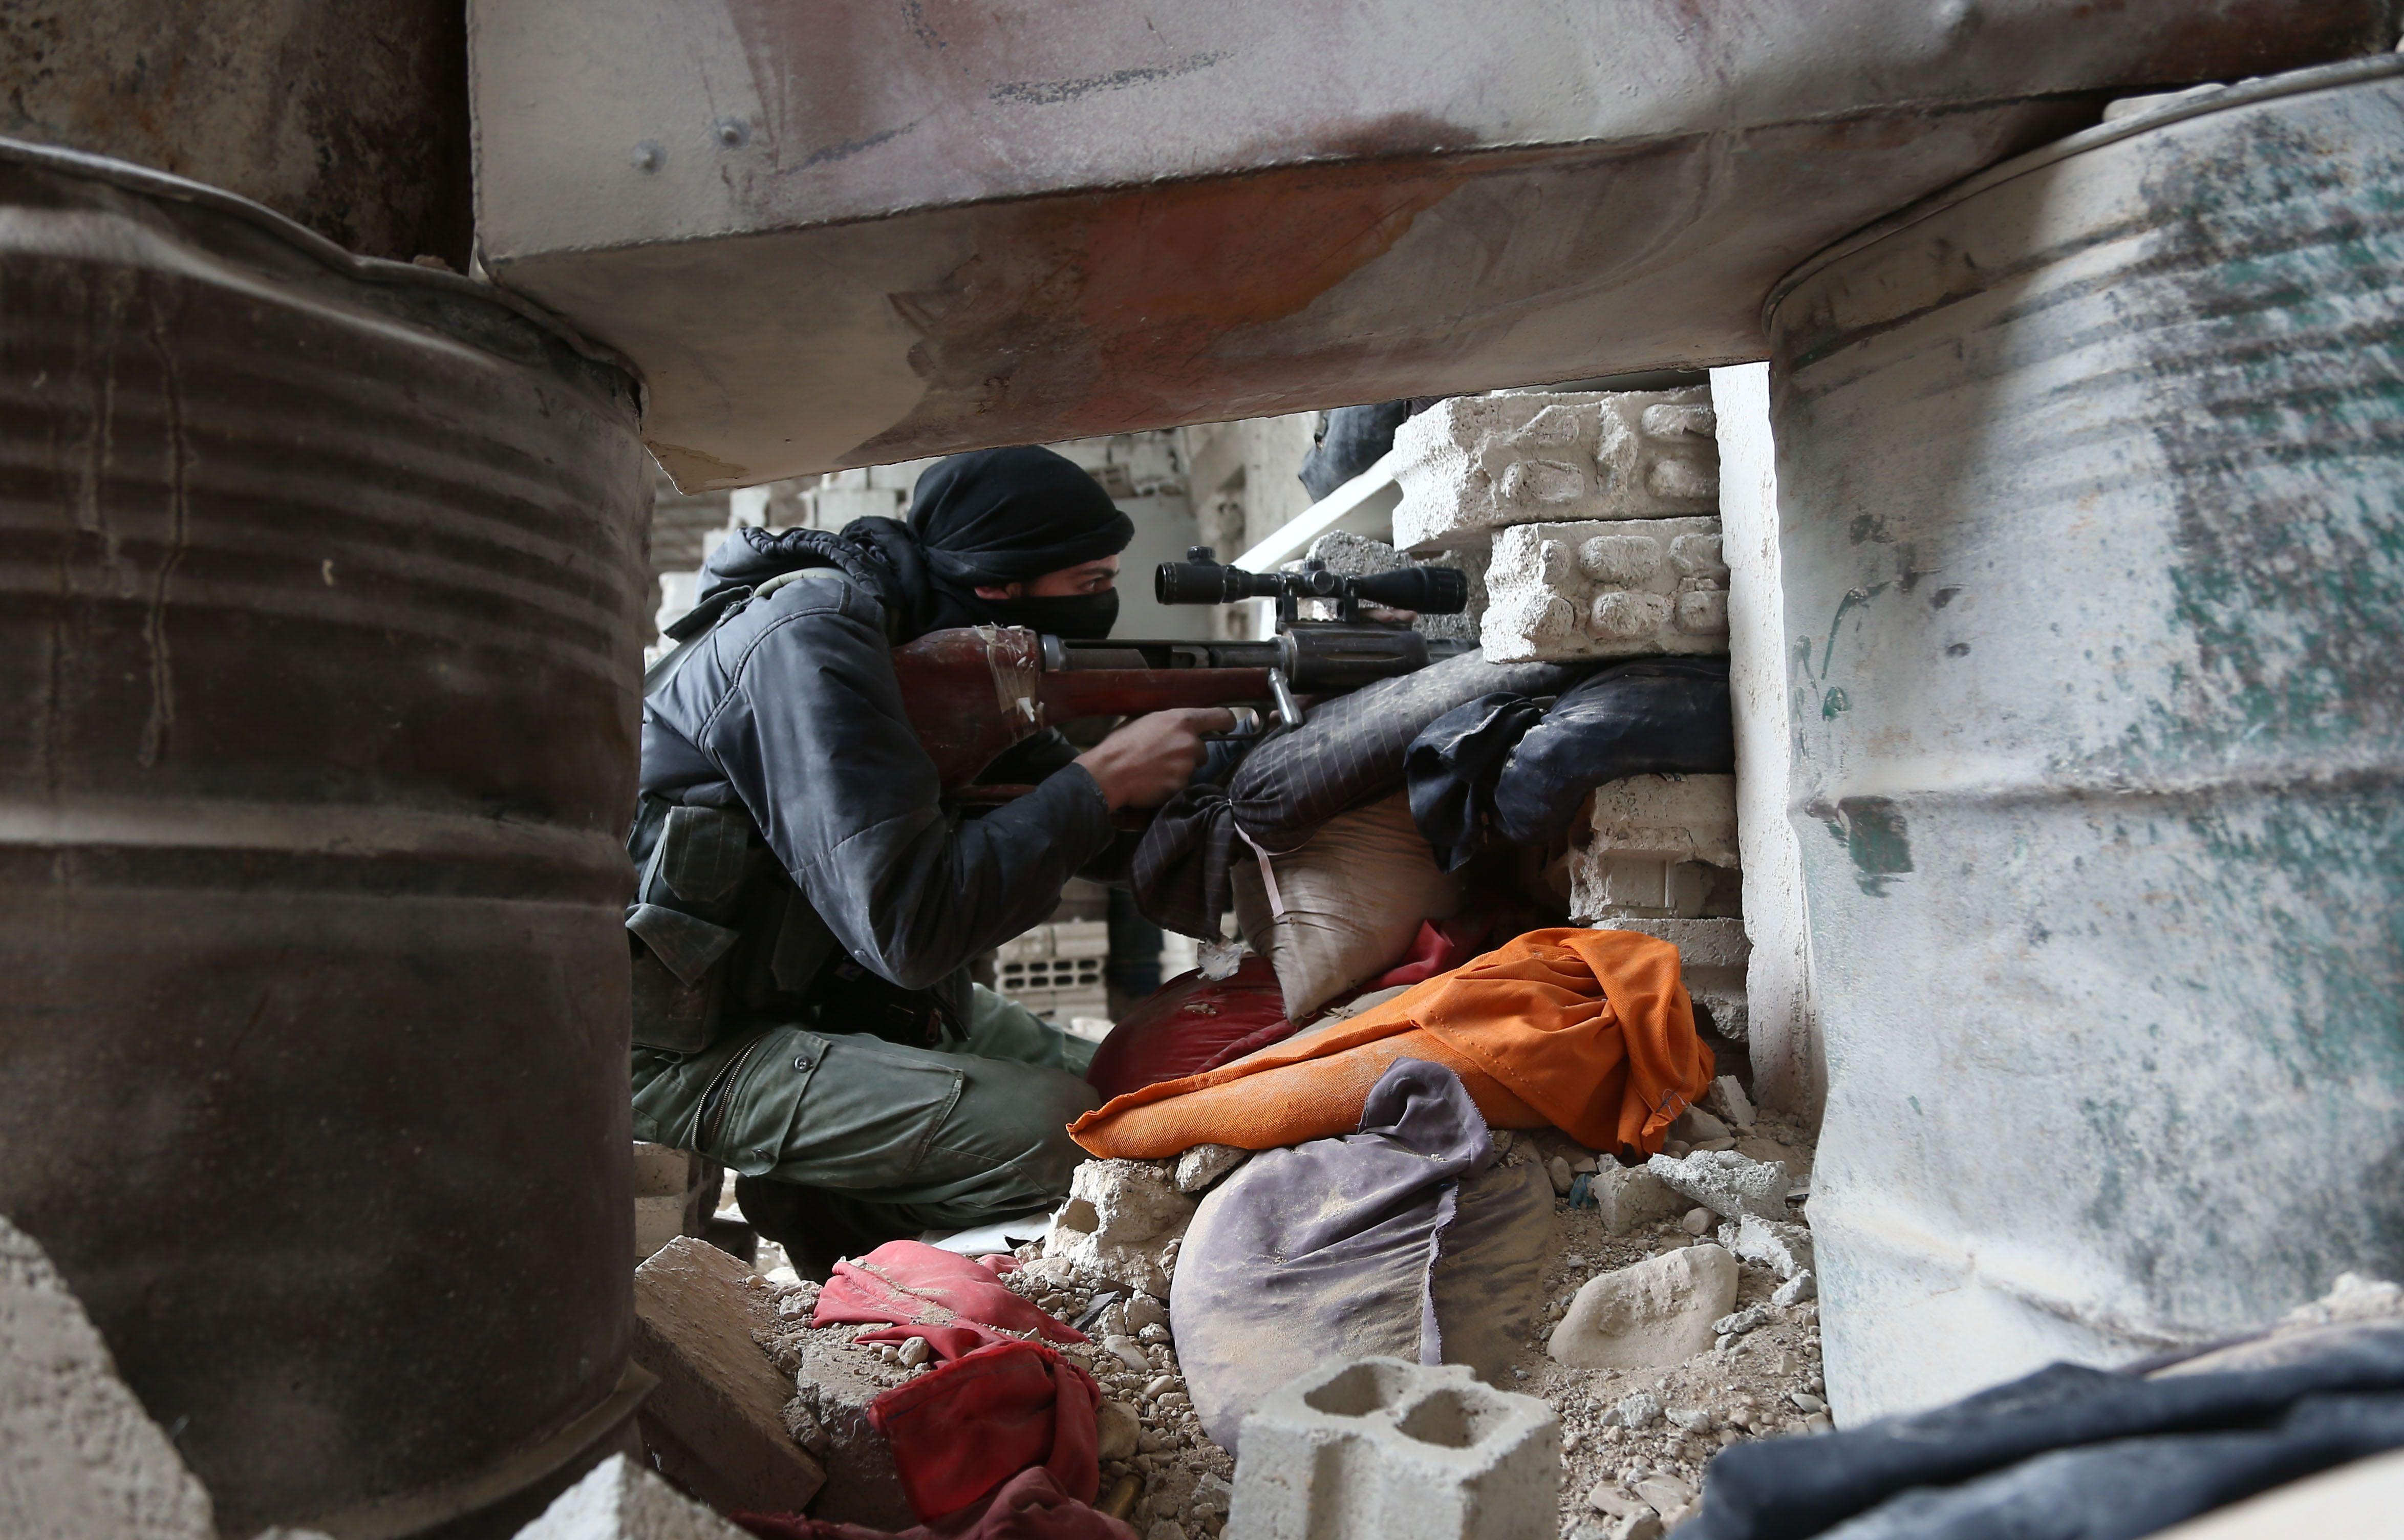 a sniper in Syria